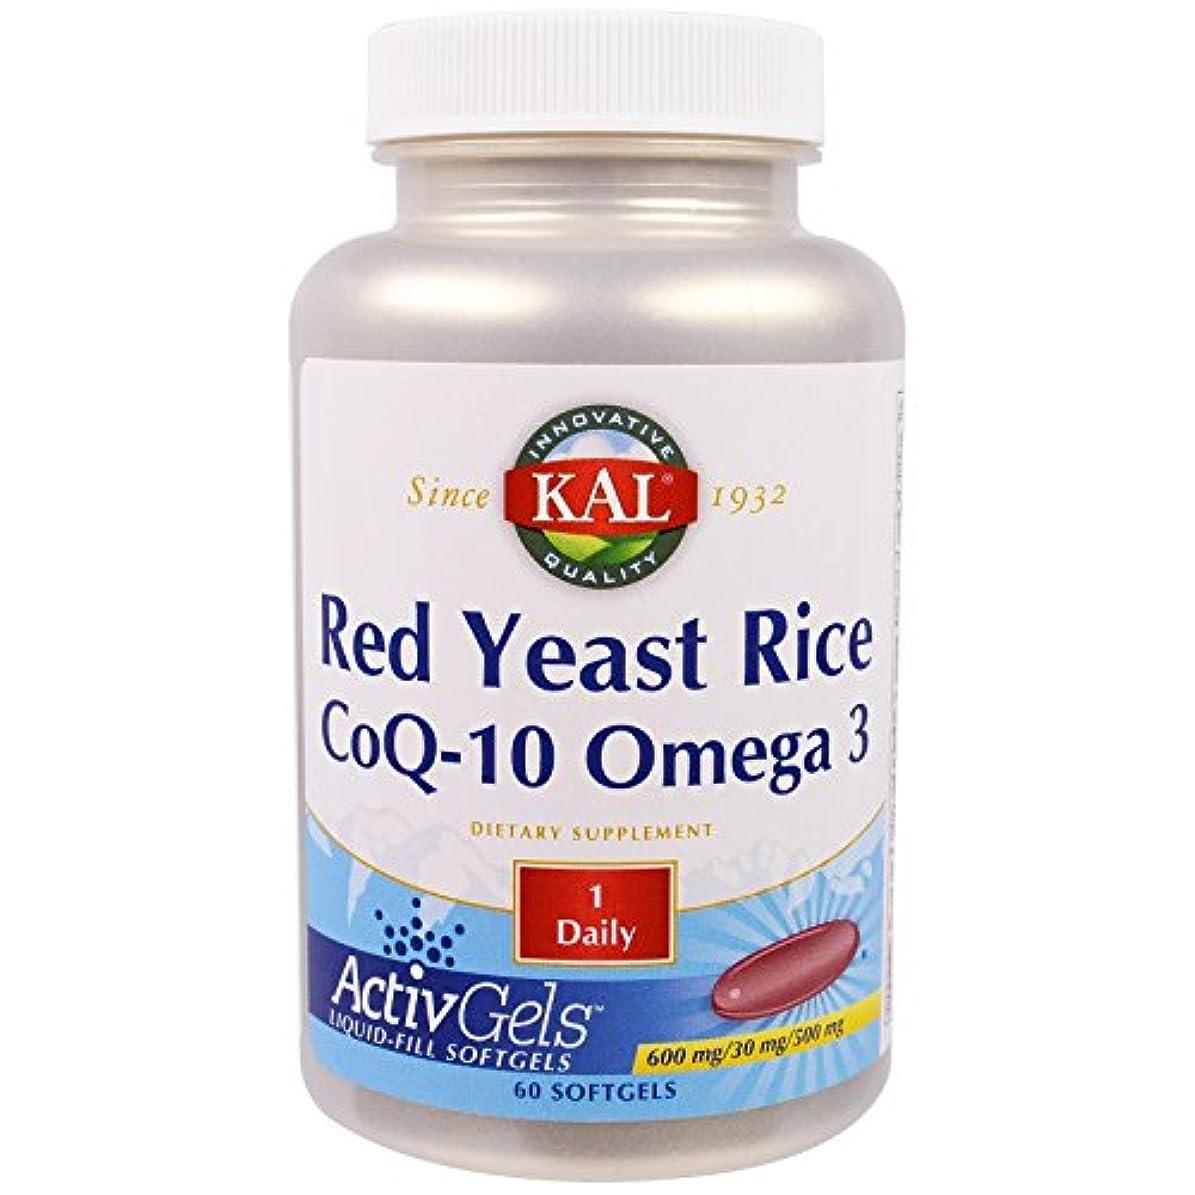 欠員分析的な曲紅麹(ベニコウジ)米&コエンザイムQ10 + オメガ3 EPA/DHA 60粒[海外直送品]